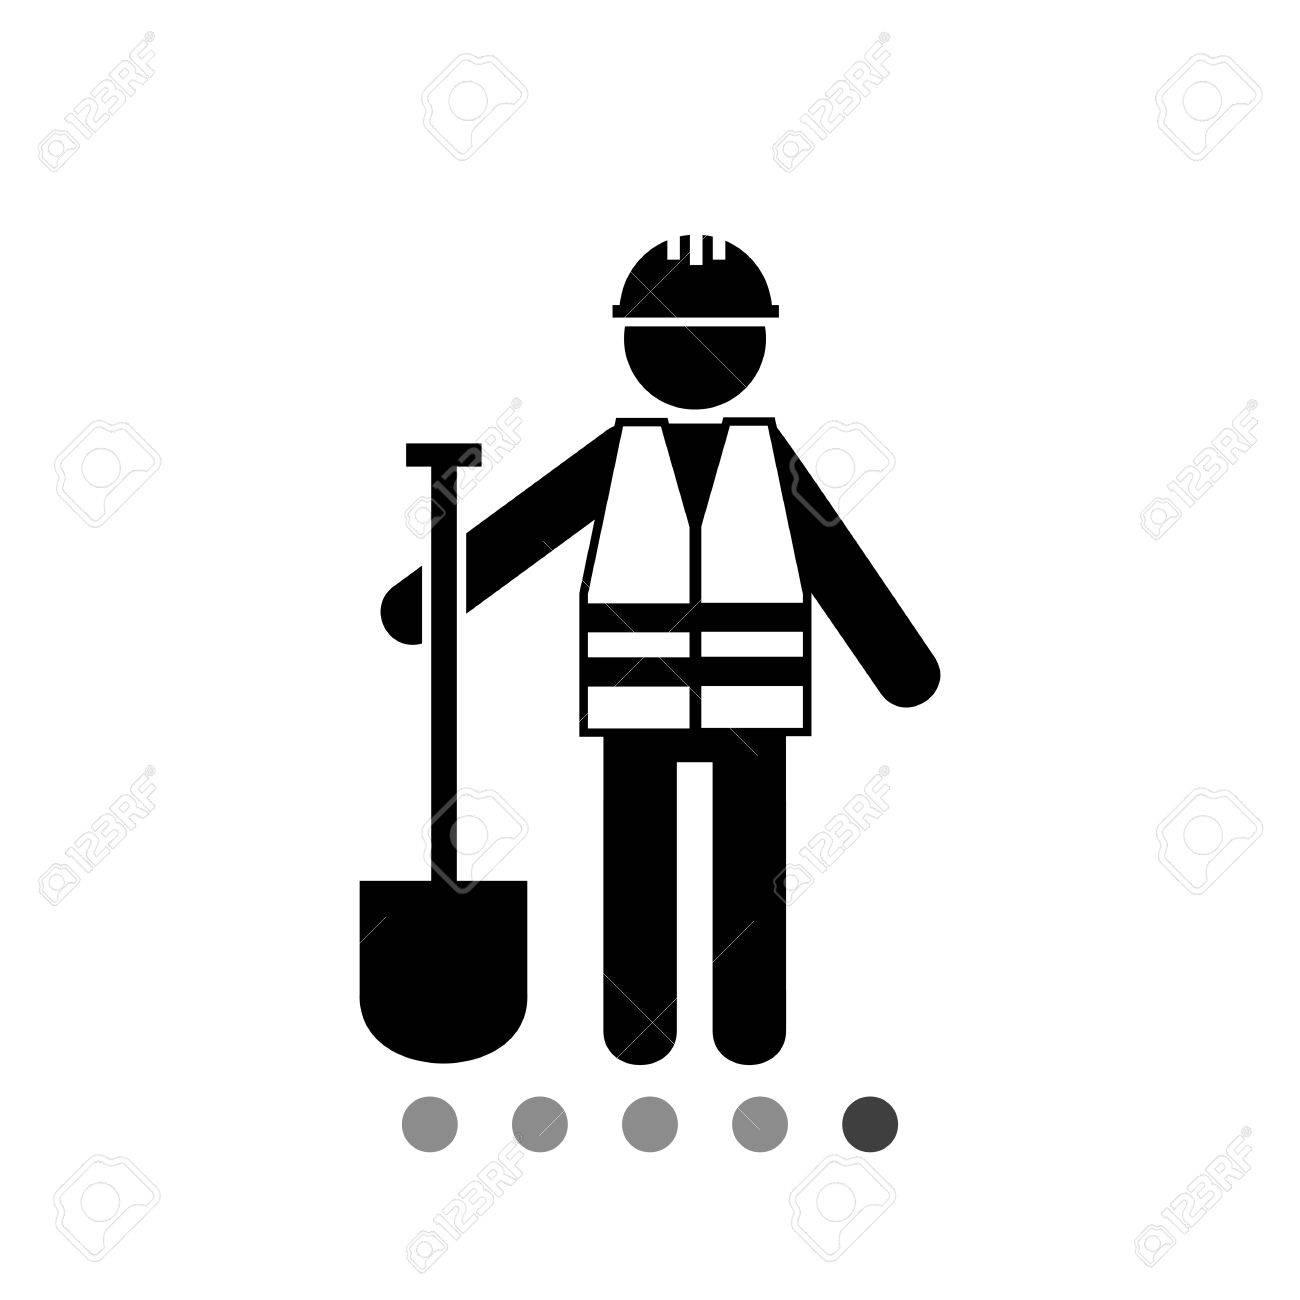 Worker In Safety Vest With Spade Road Asphalt Digging Roadwork Concept